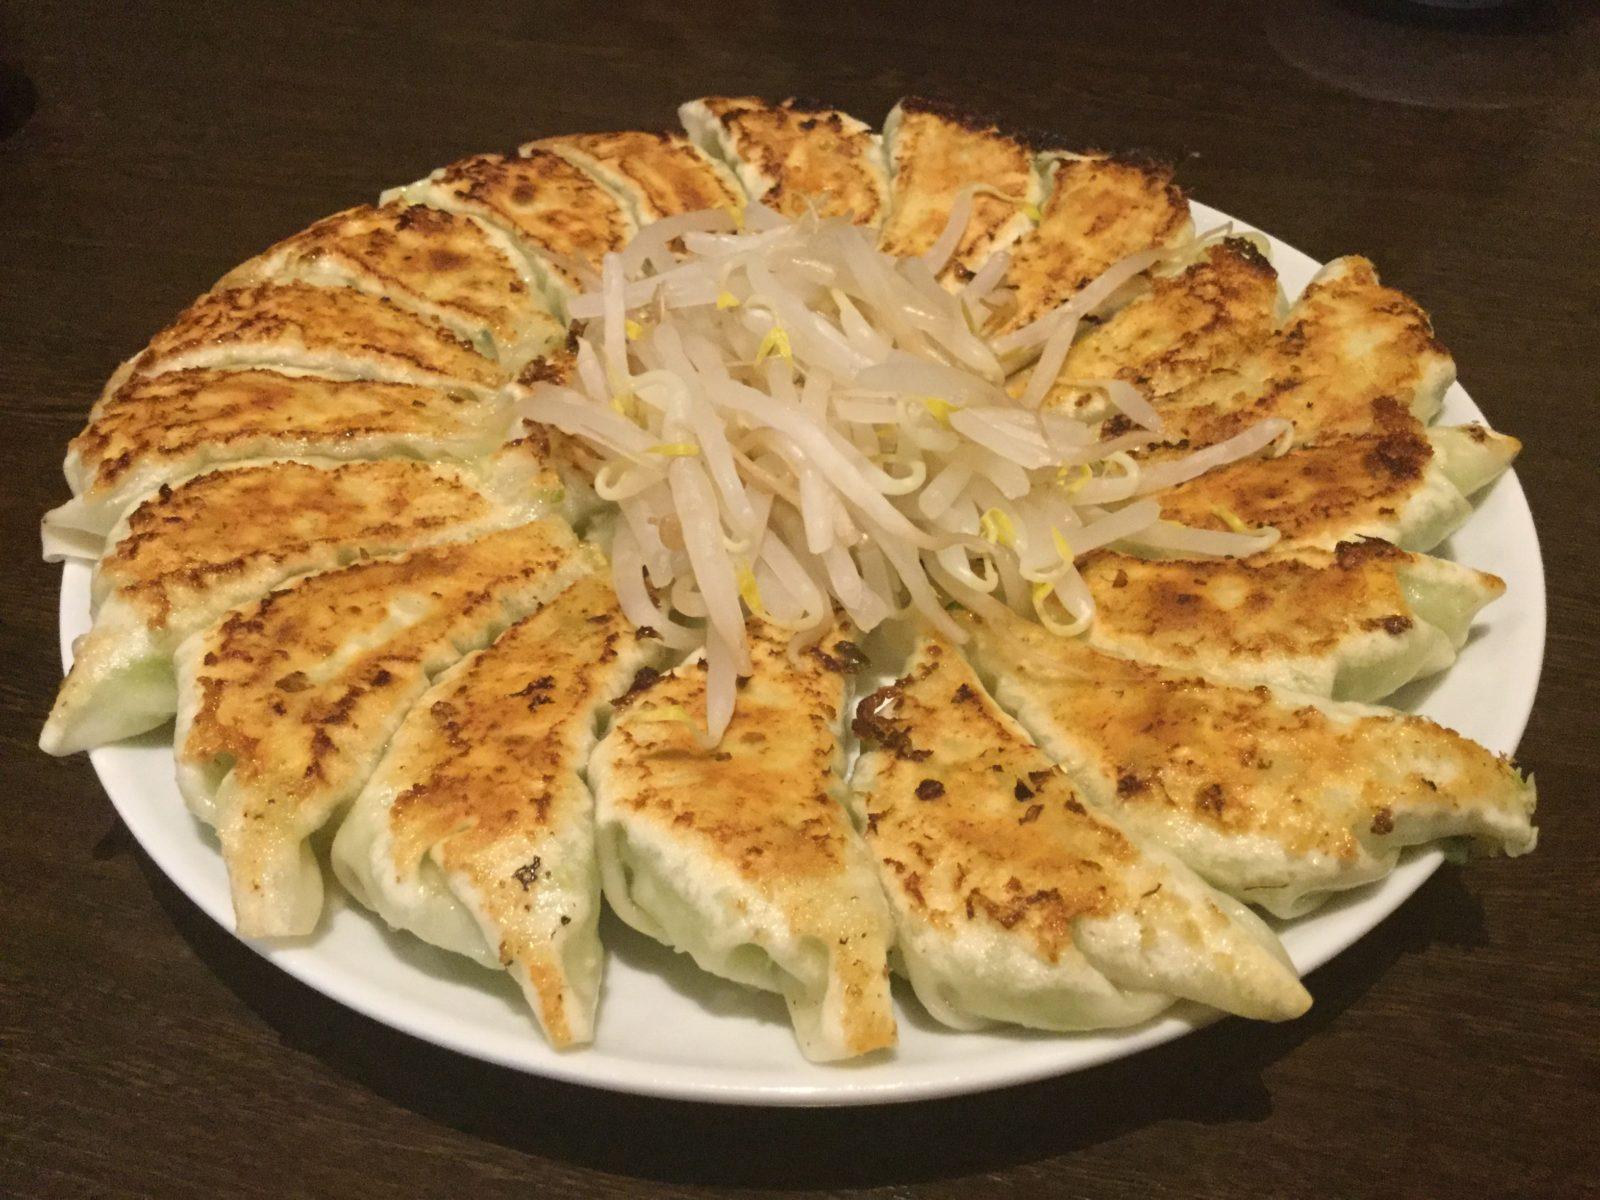 美味しい浜松餃子(むつぎく)